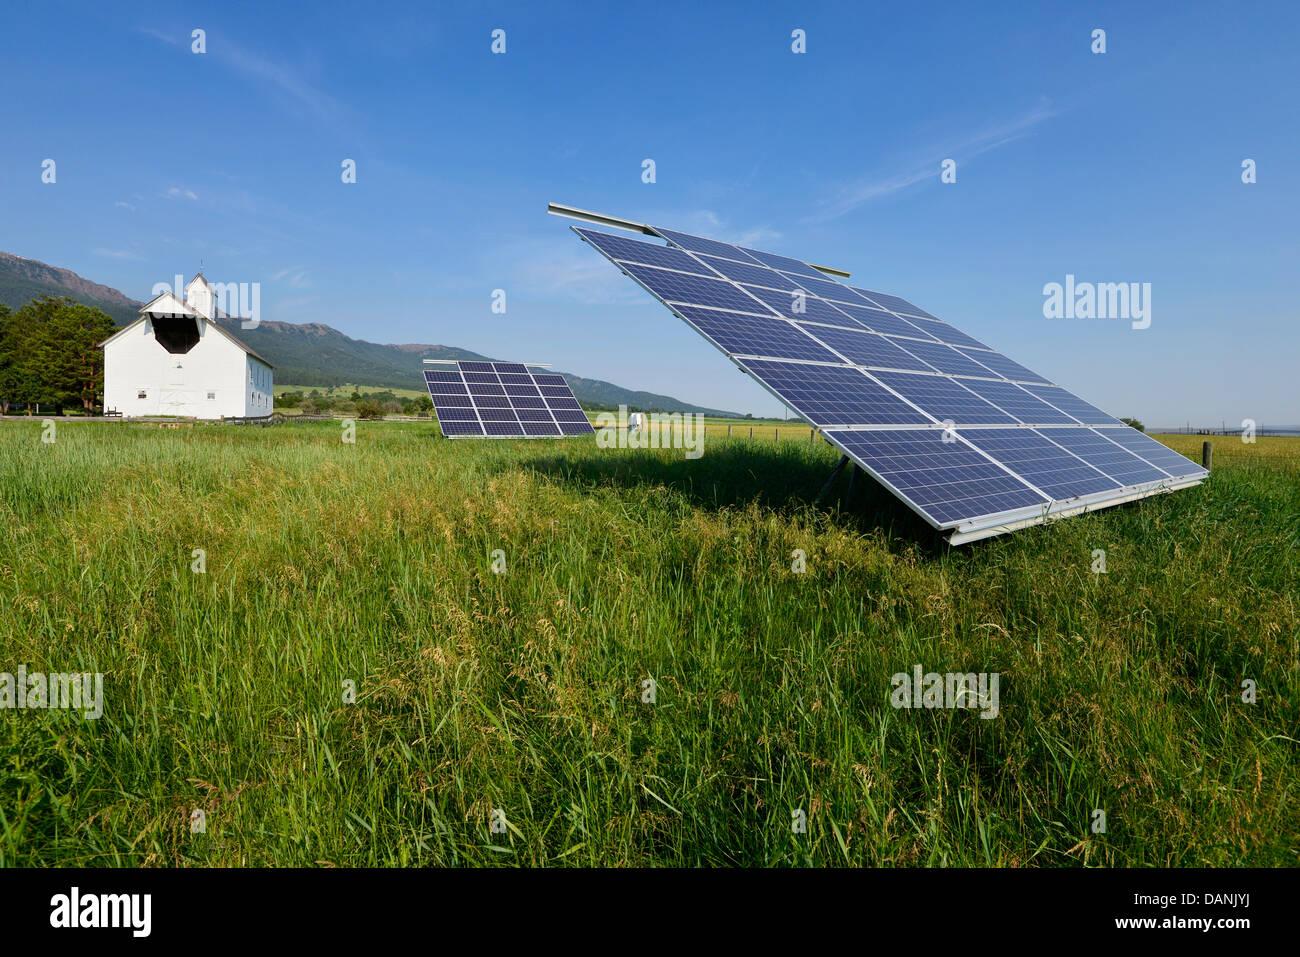 Des panneaux solaires sur une ferme dans l'Oregon est Wallowa Valley. Photo Stock